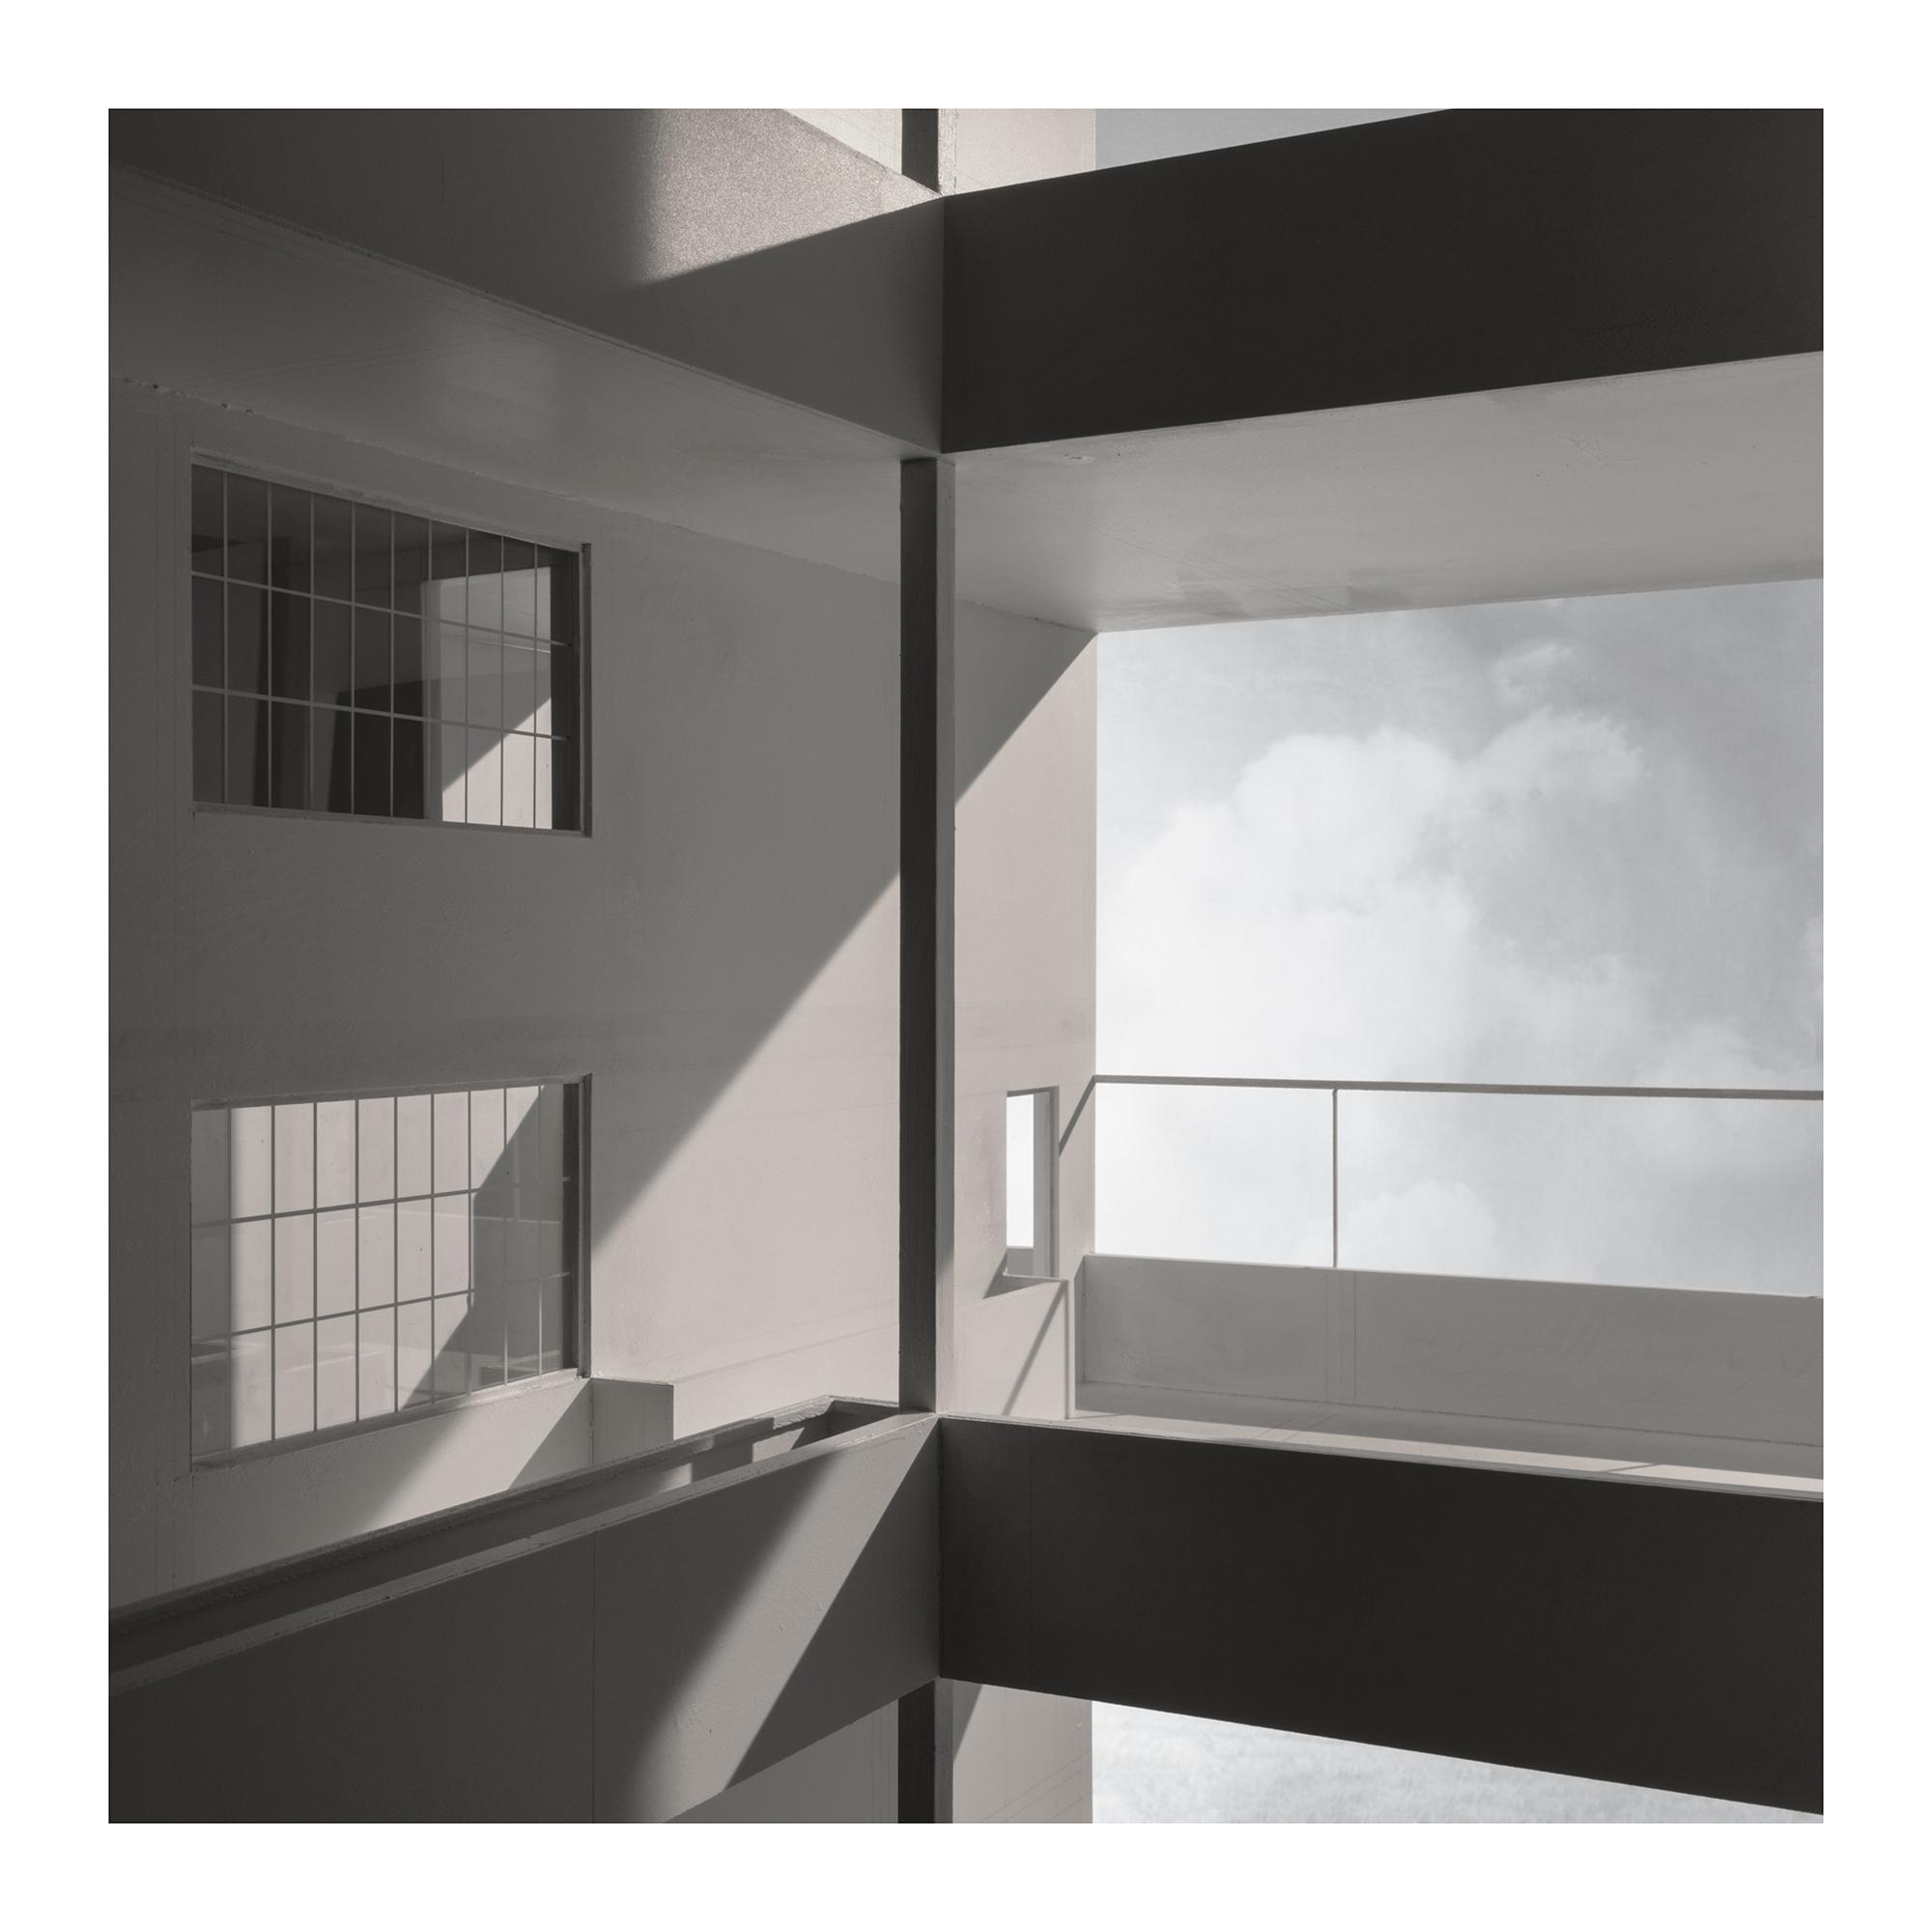 l.h.dc3 Immeuble-Villas. 1922. Le Corbusier. Impresión digital, papel algodón Hahnemühle. 42x42cm. Edición 5.